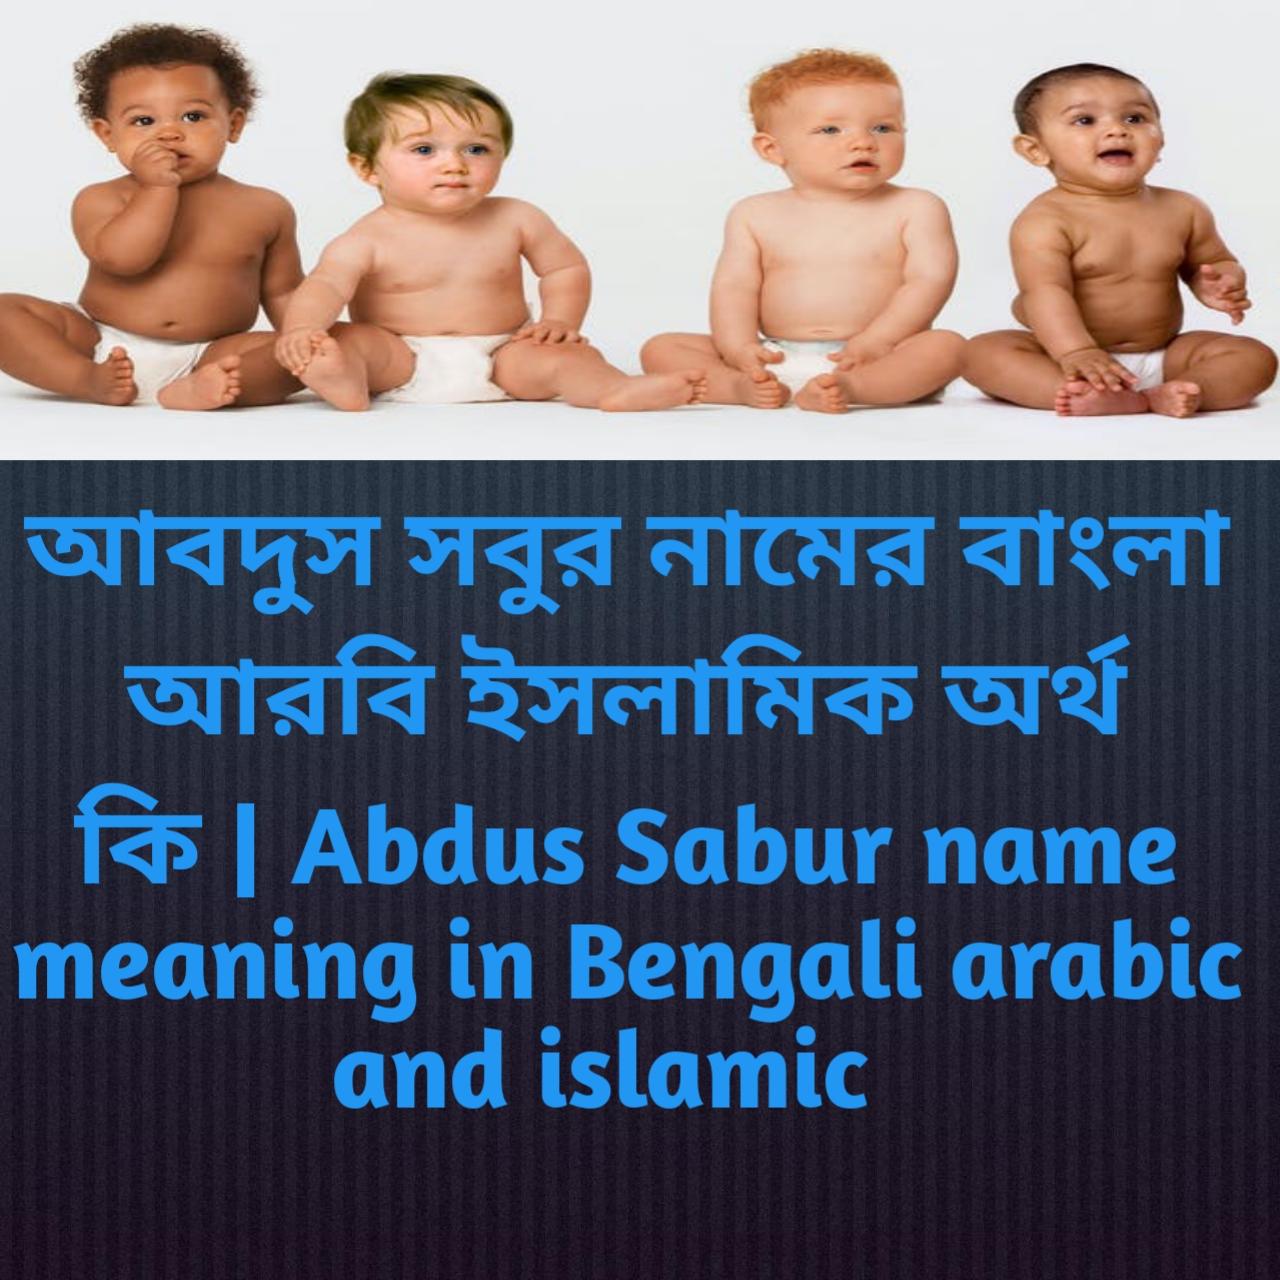 আবদুস সবুর নামের অর্থ কি, আবদুস সবুর নামের বাংলা অর্থ কি, আবদুস সবুর নামের ইসলামিক অর্থ কি, Abdus Sabur name meaning in Bengali, আবদুস সবুর কি ইসলামিক নাম,